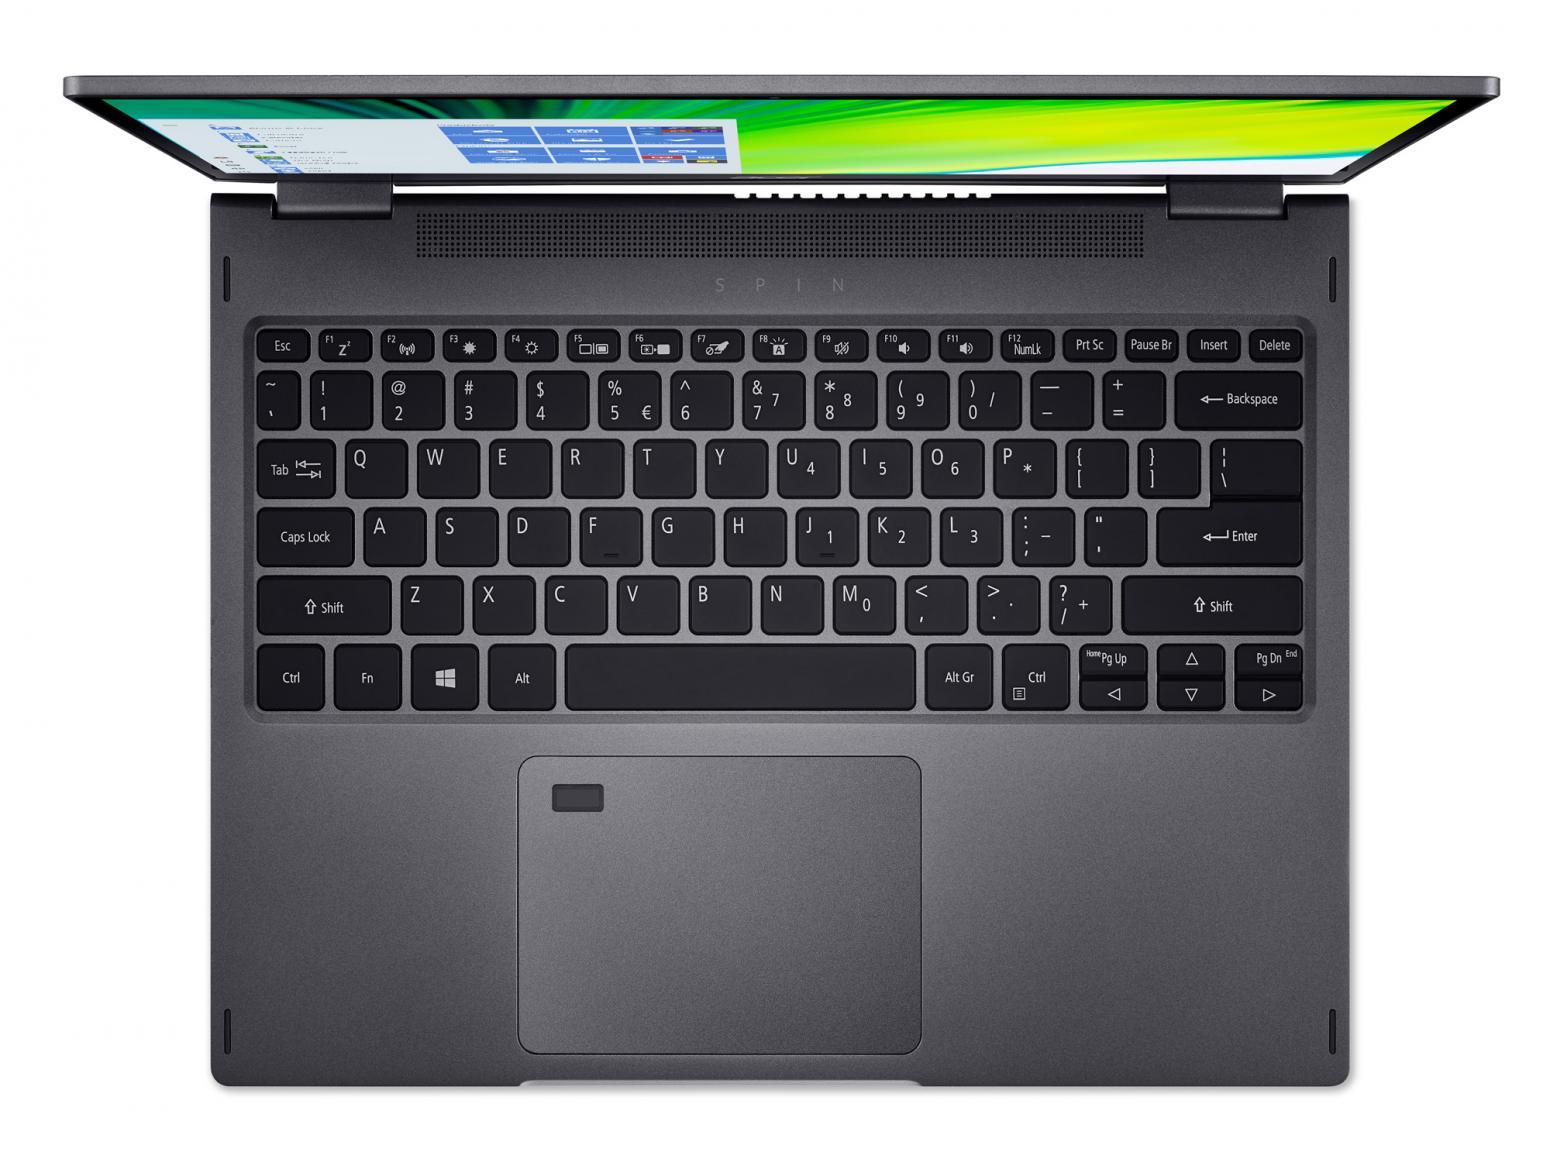 Ordinateur portable Acer Spin 5 SP513-54N-58VU Gris - QHD Tactile, Stylet - photo 7